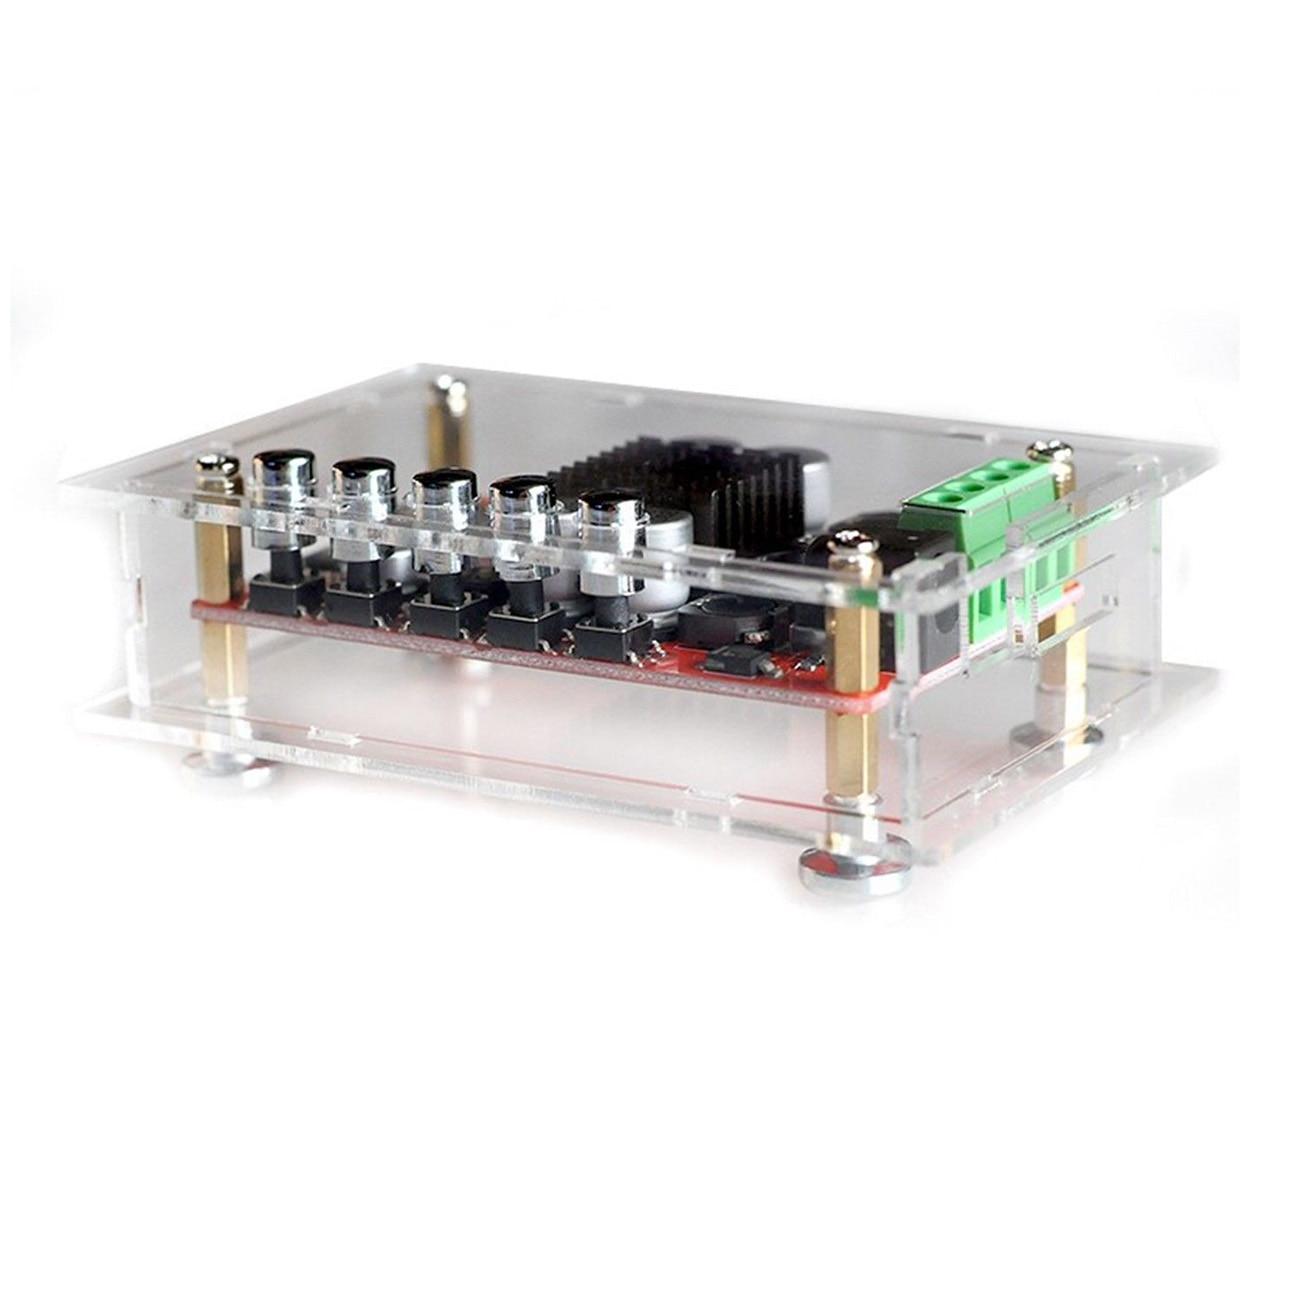 50 W Drahtlose Bluetooth 4,0 Audio Digital Verstärker Bord Fall Kit Tda7492p 50 W